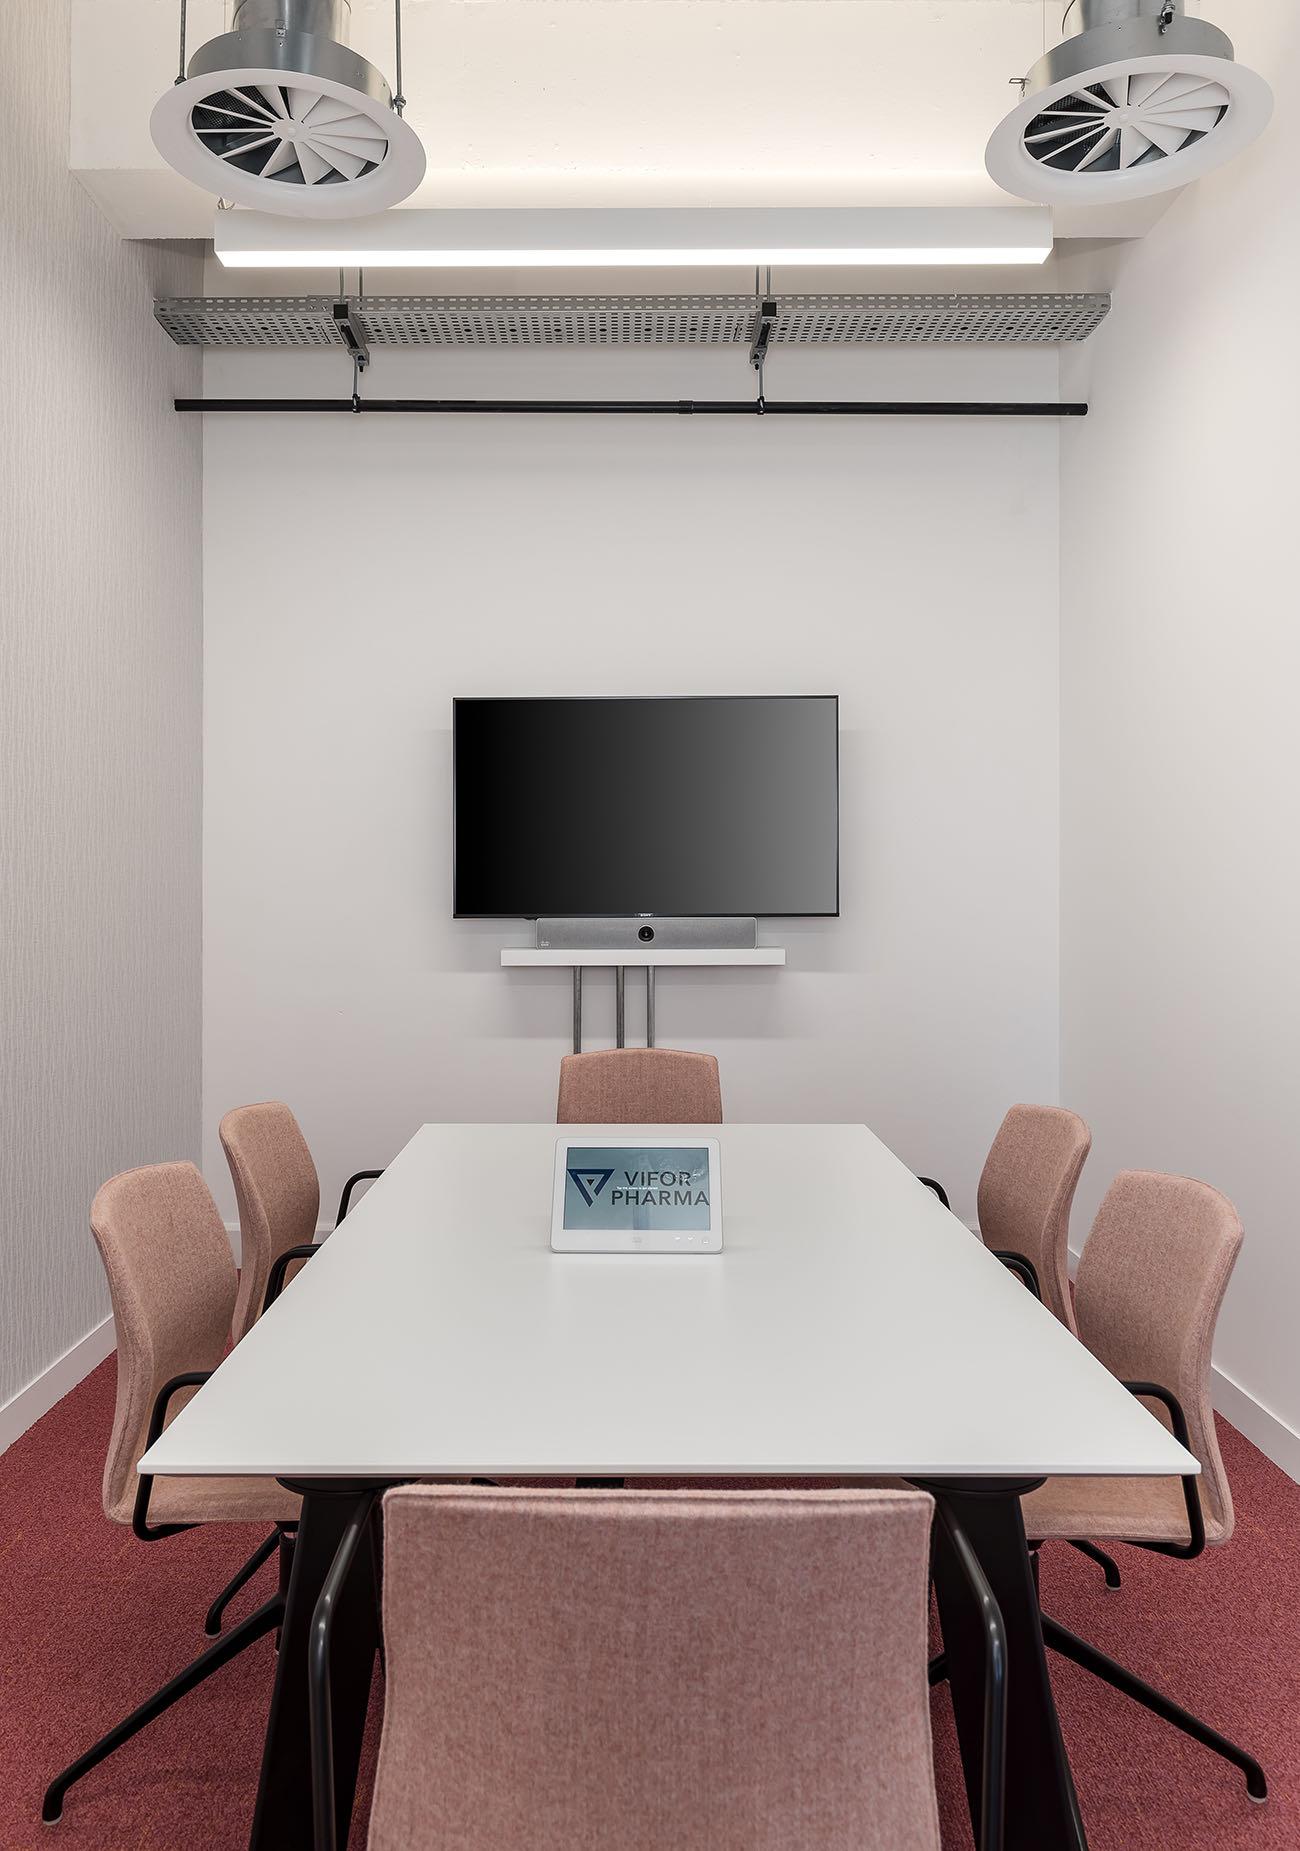 vifor-pharma-office-7